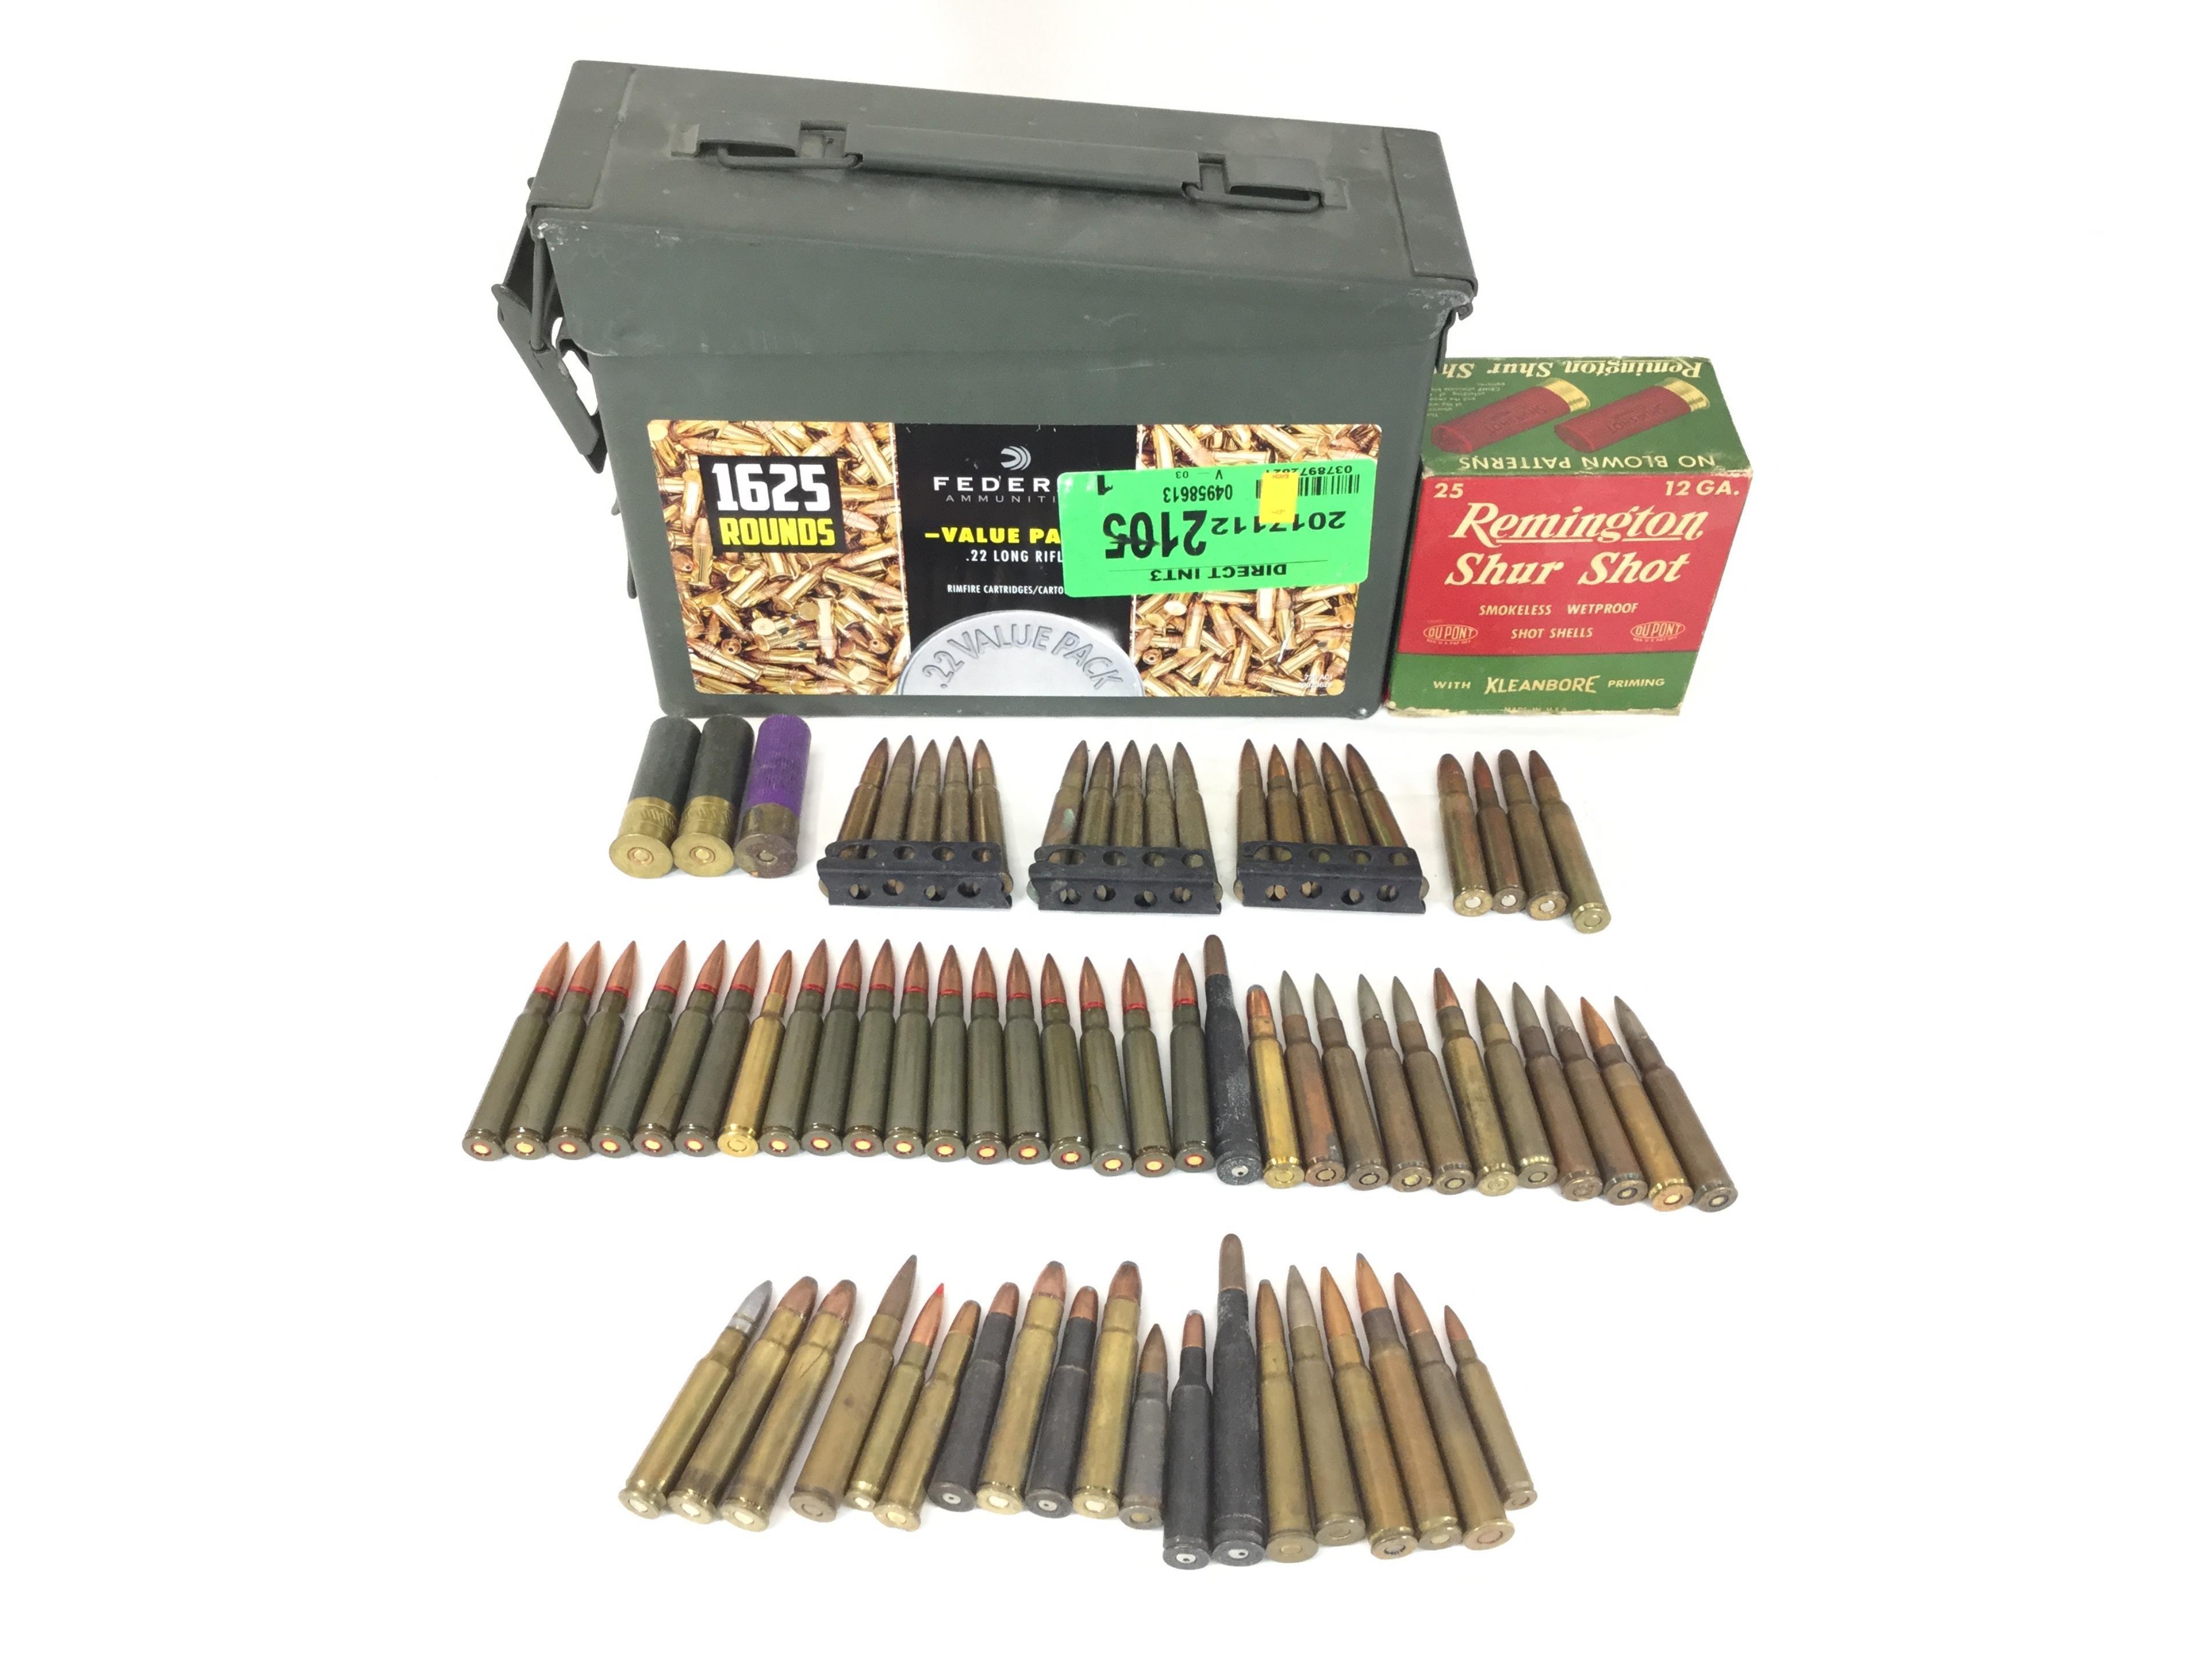 Vintage Rifle, Shotgun Ammo w/ Federal Ammo Can